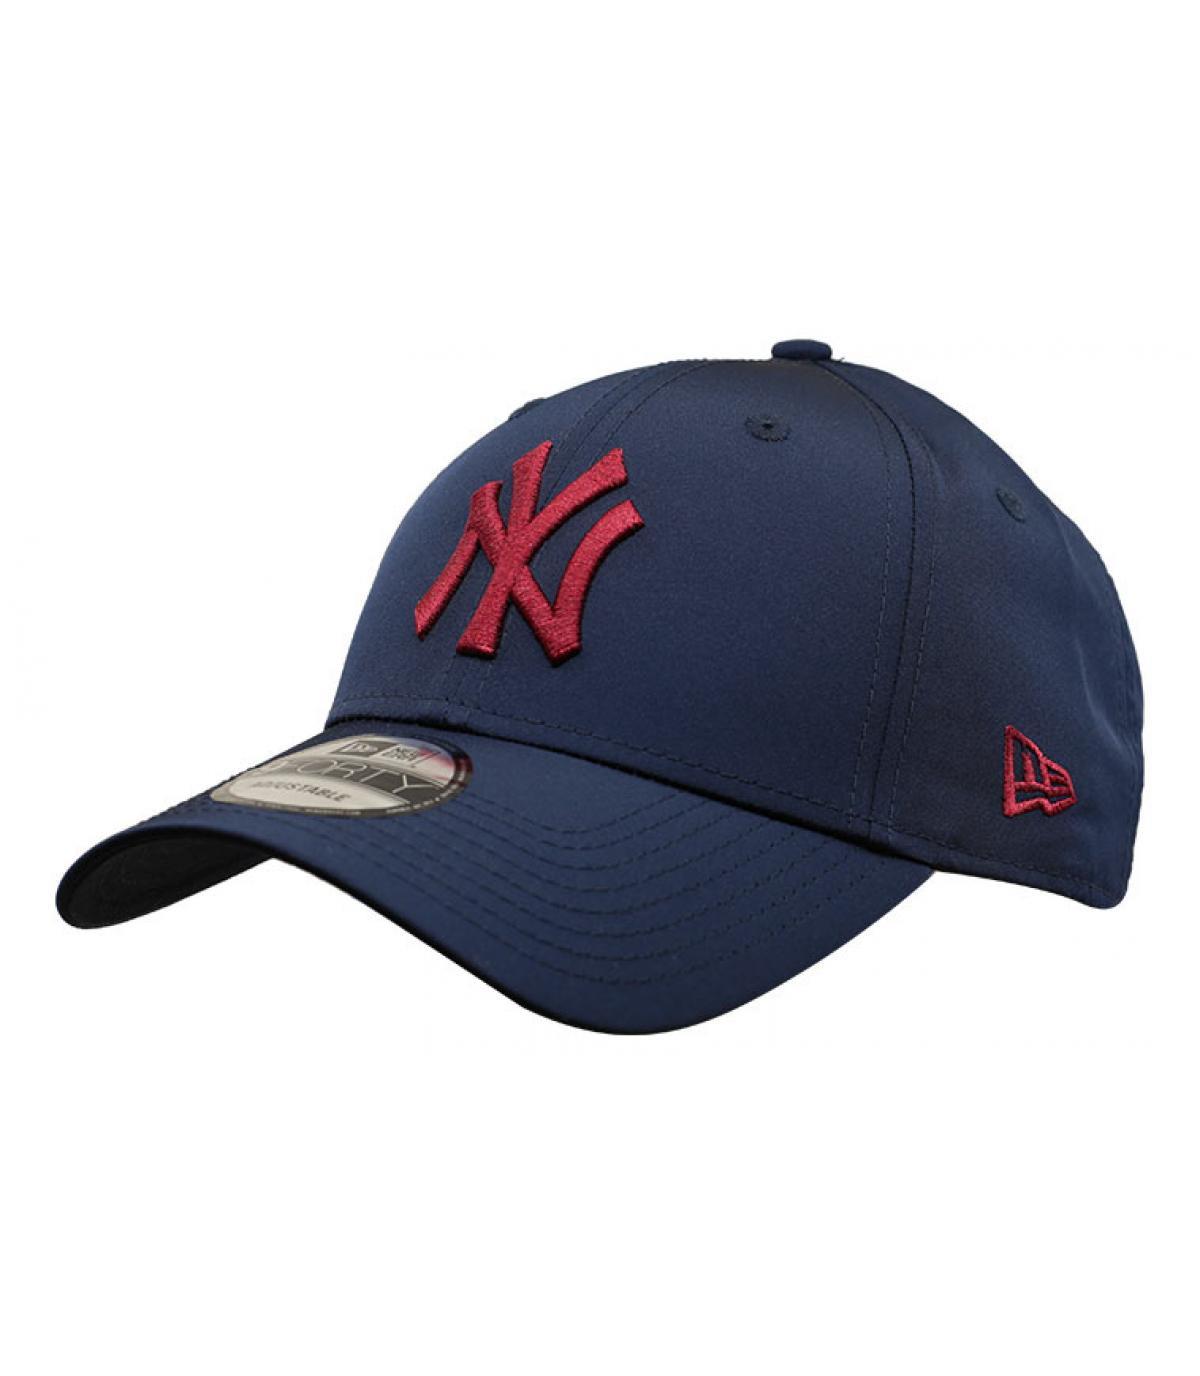 casquette NY bleu bordeaux